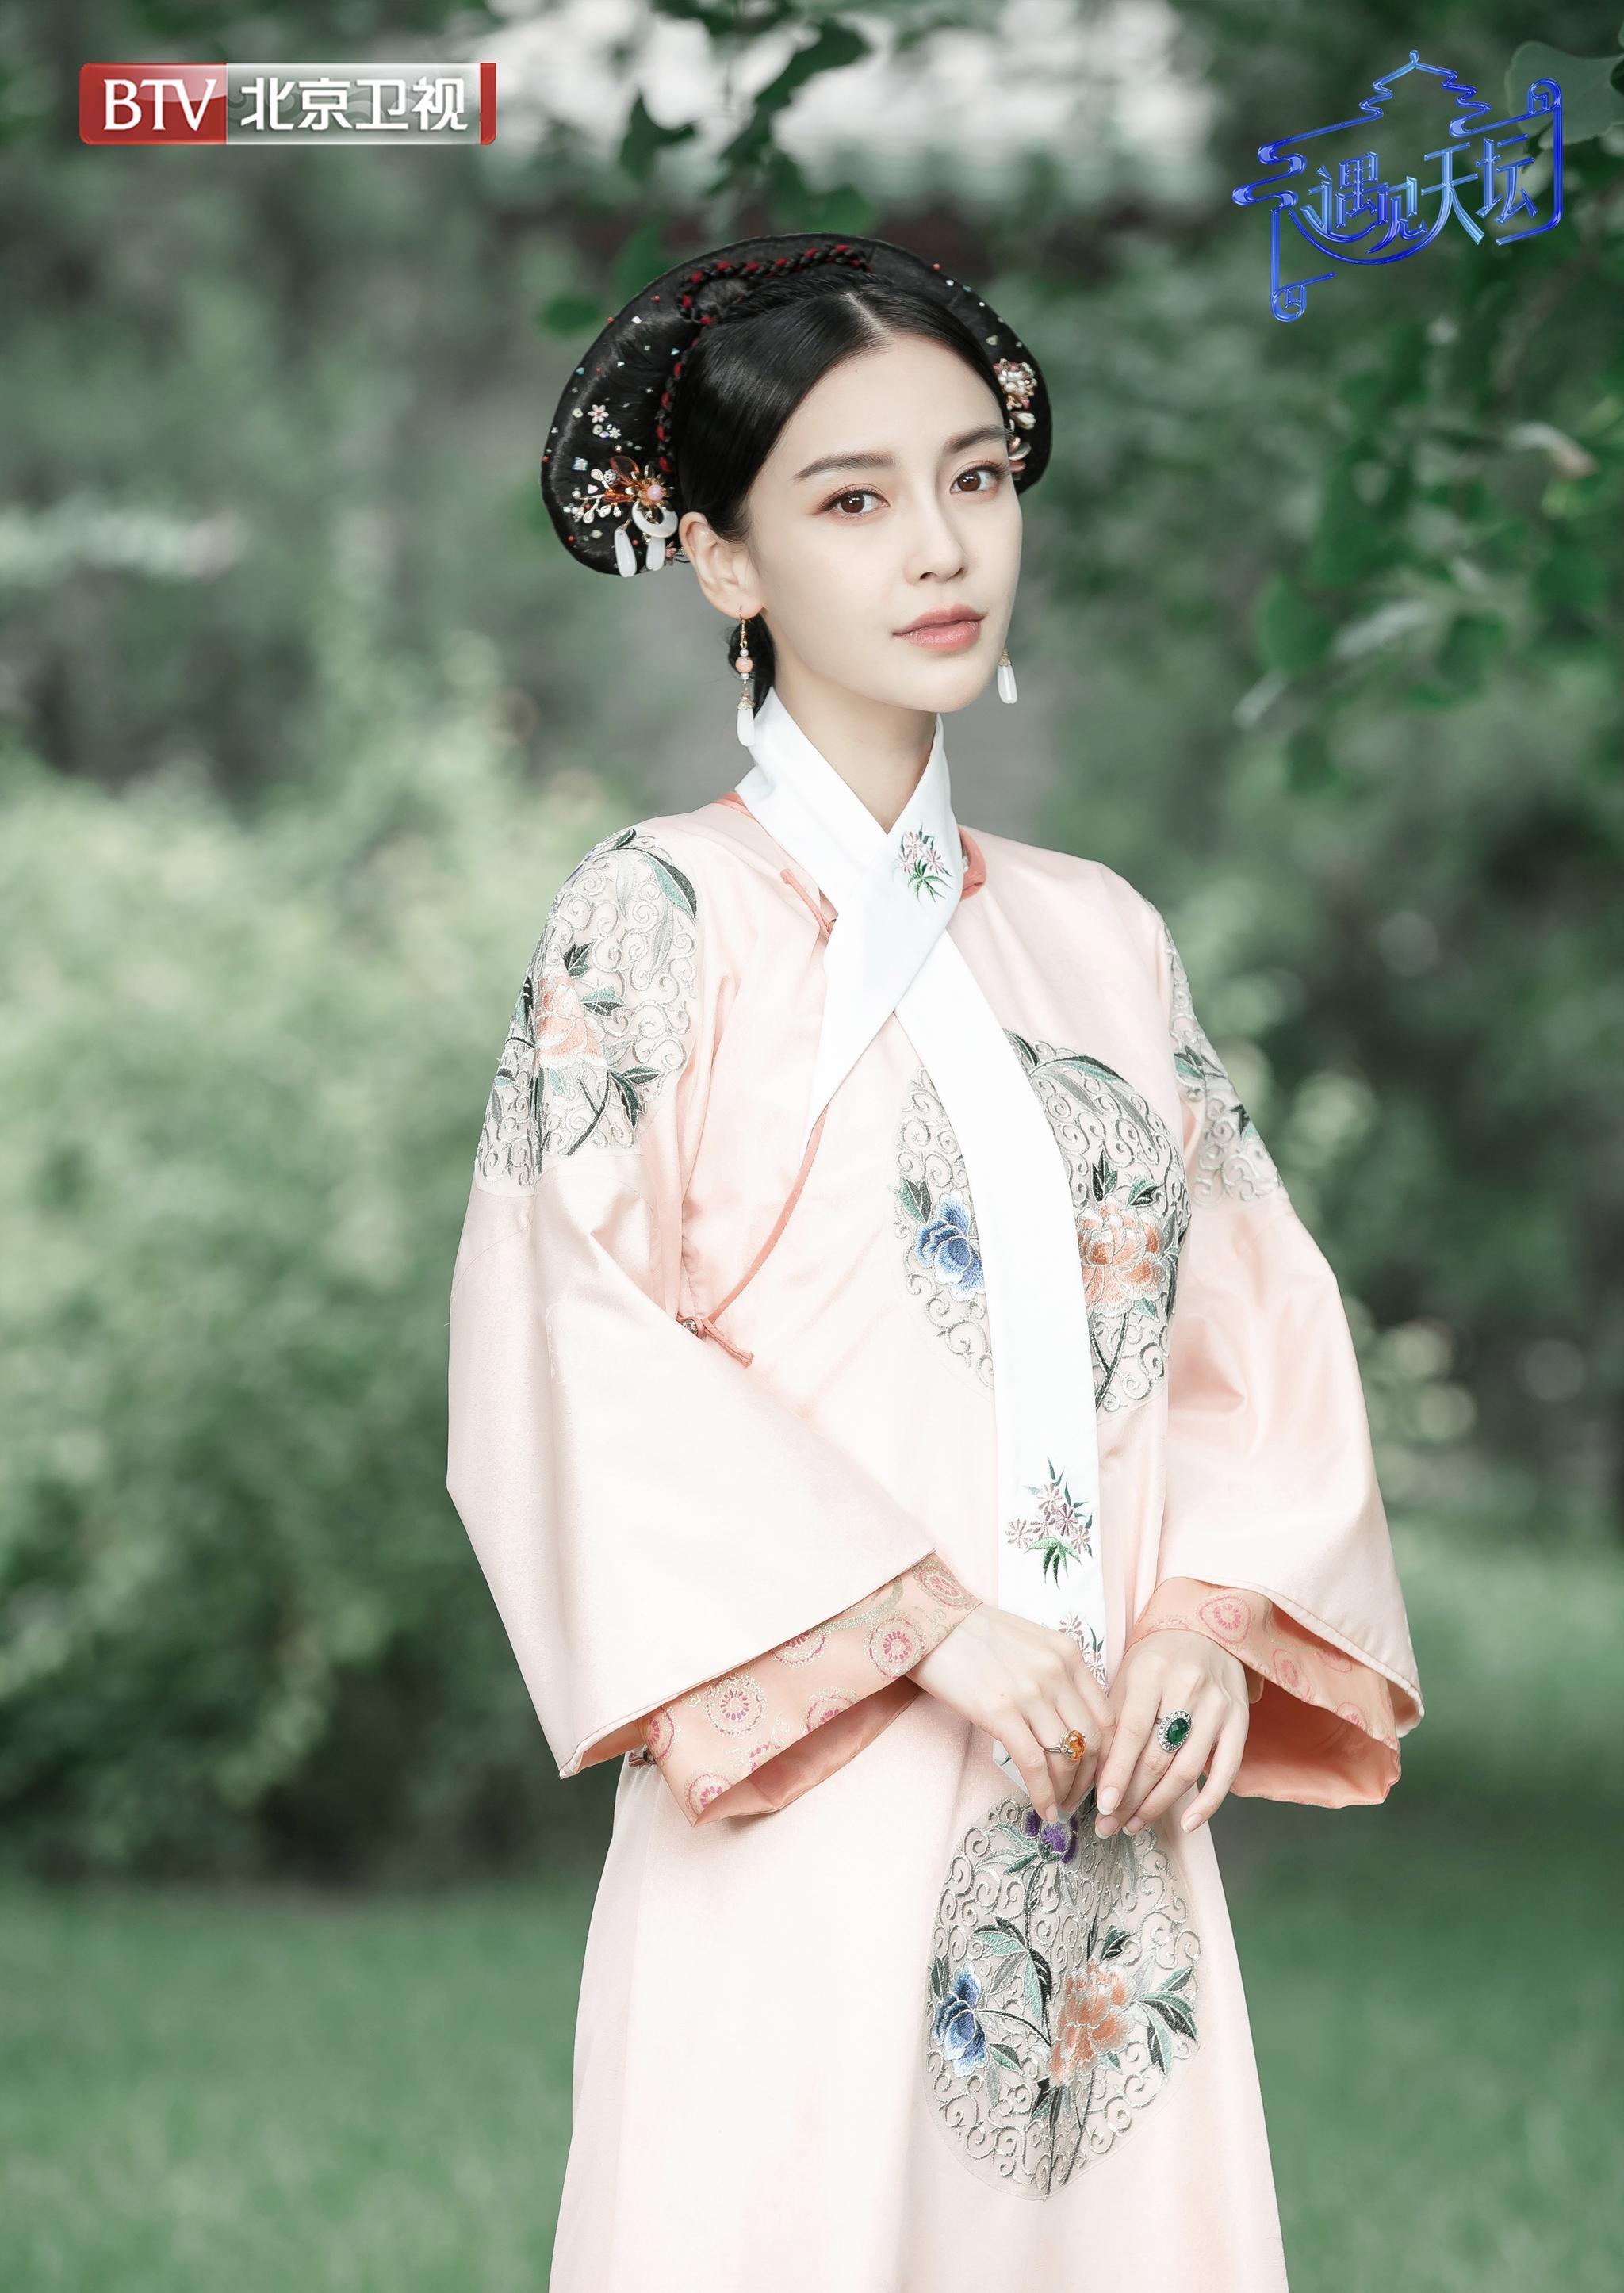 杨幂关晓彤刘涛等女明星的清宫戏造型,你们觉得谁的颜值最高?插图(4)